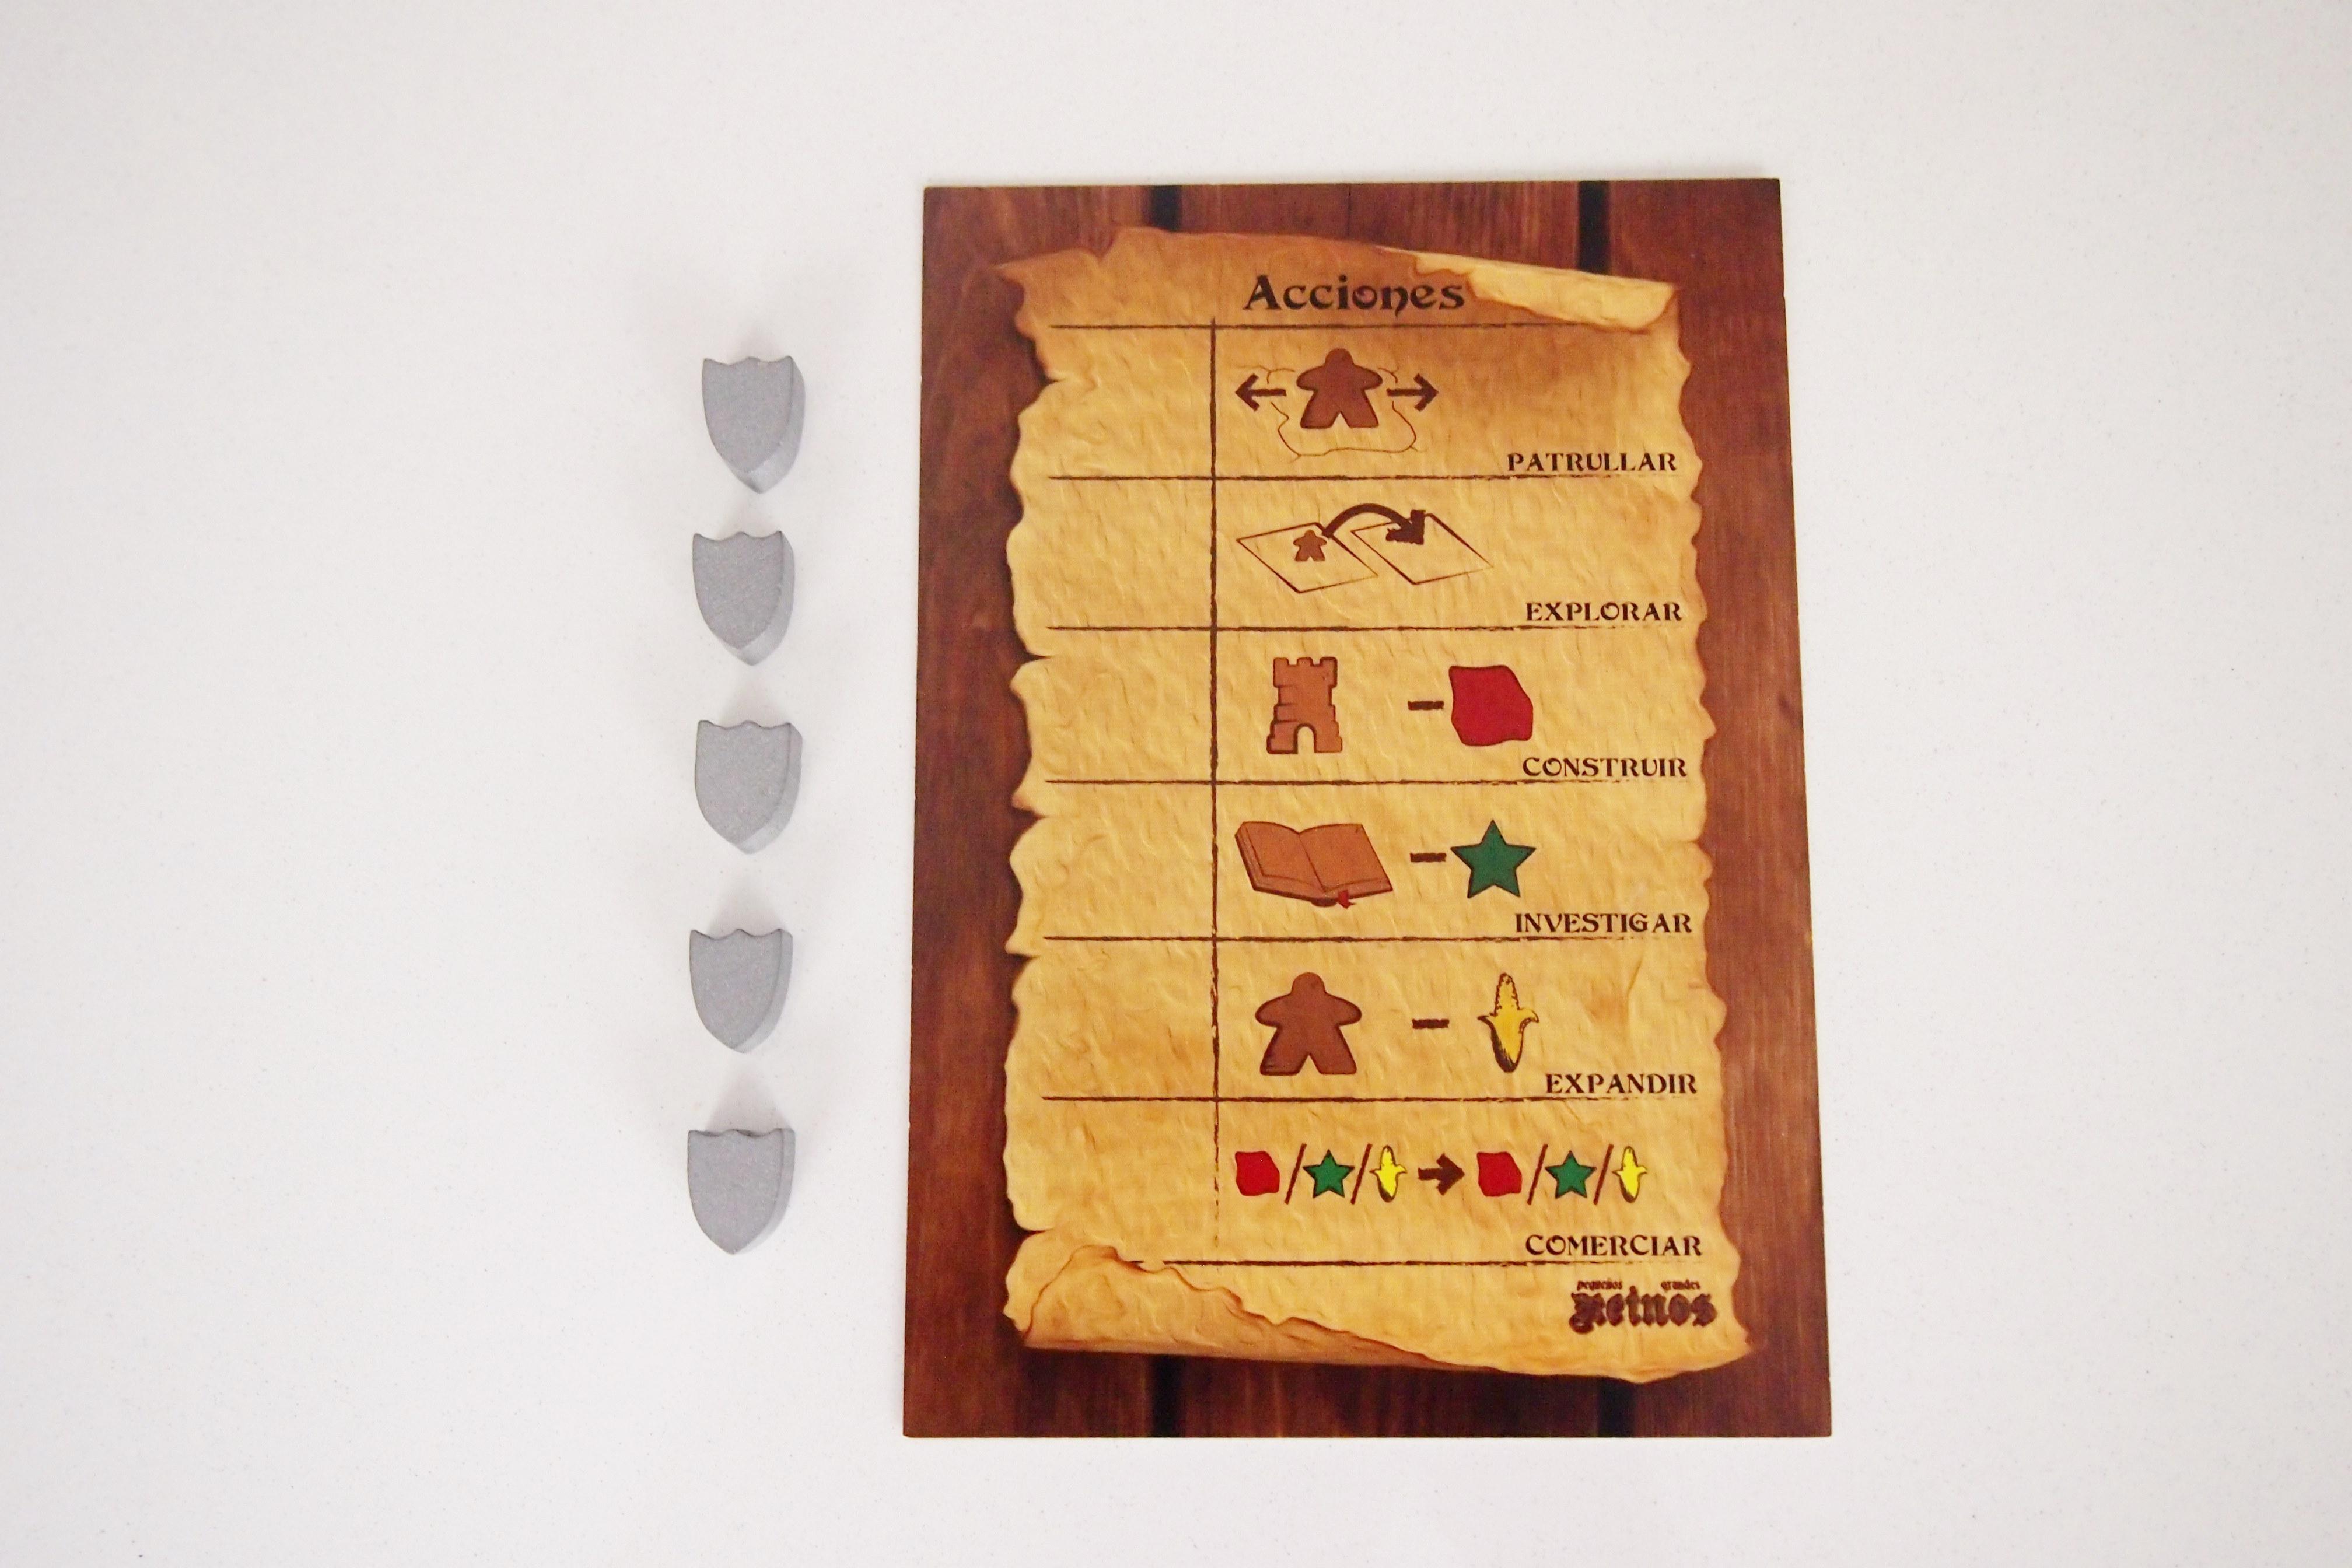 En su turno, el jugador puede escoger una de las acciones disponibles (el resto realizará la misma o recogerá recursos).